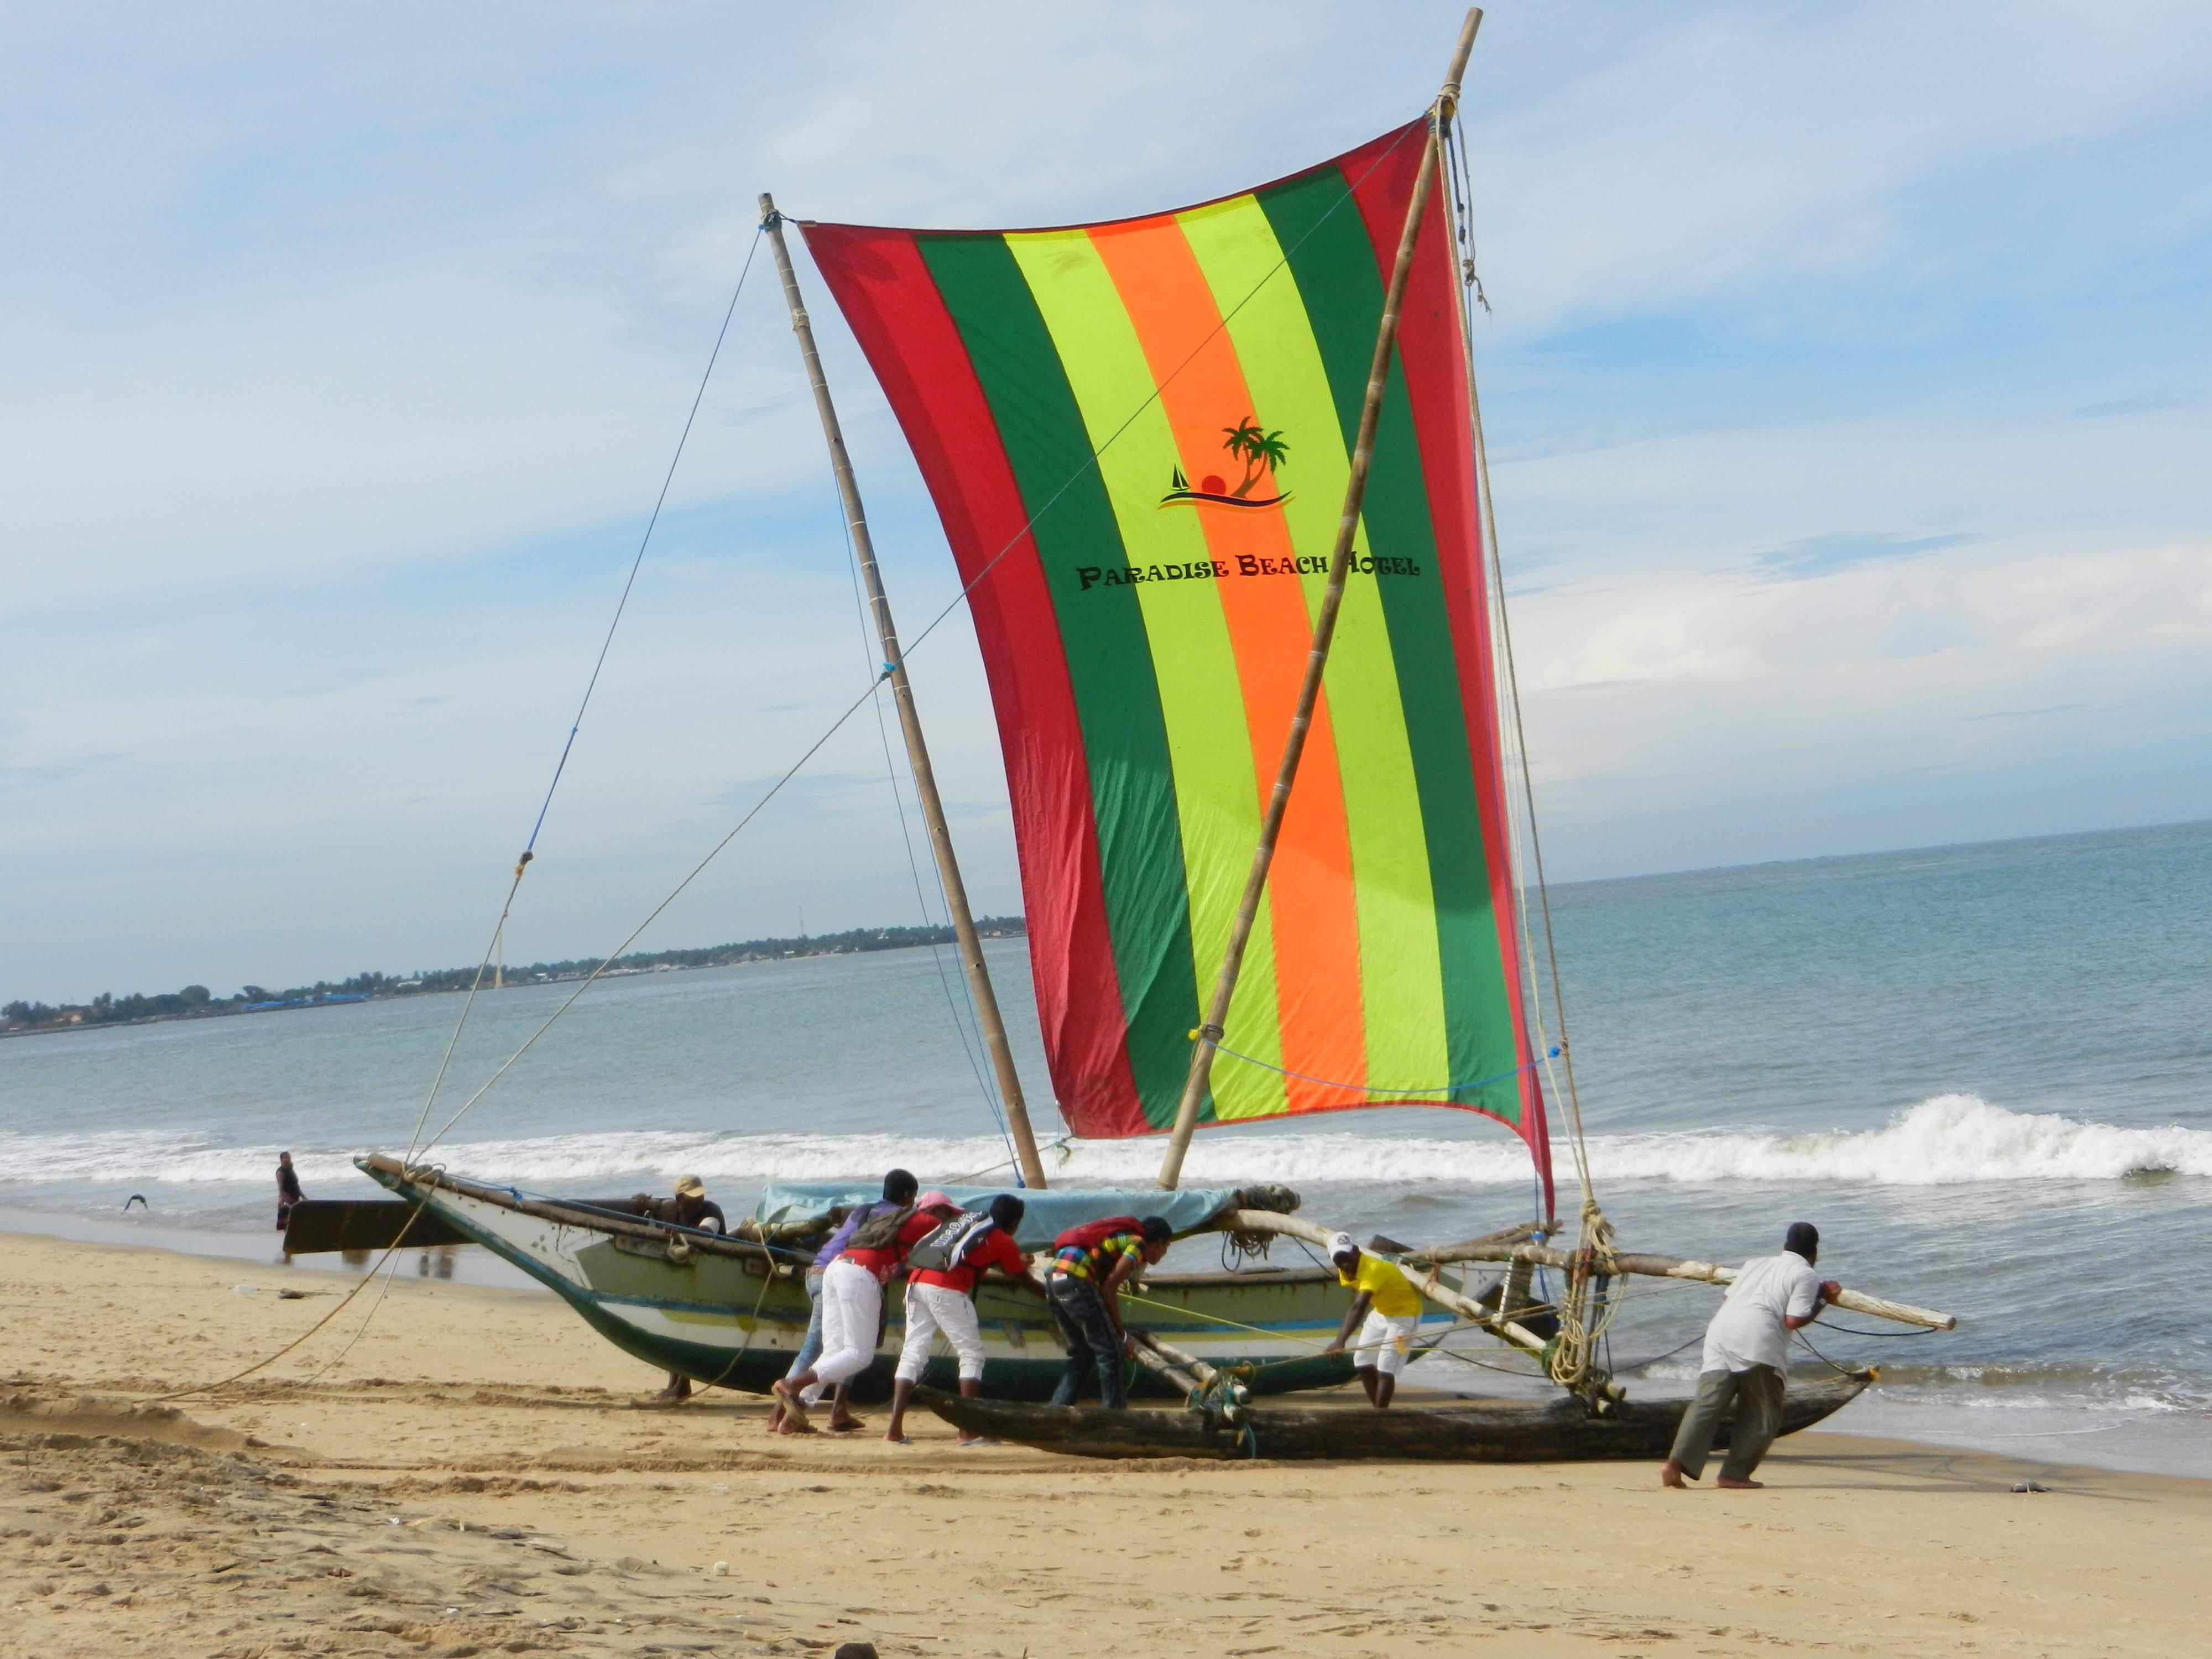 Достопримечательности Шри-Ланки: как организовать поездку самостоятельно